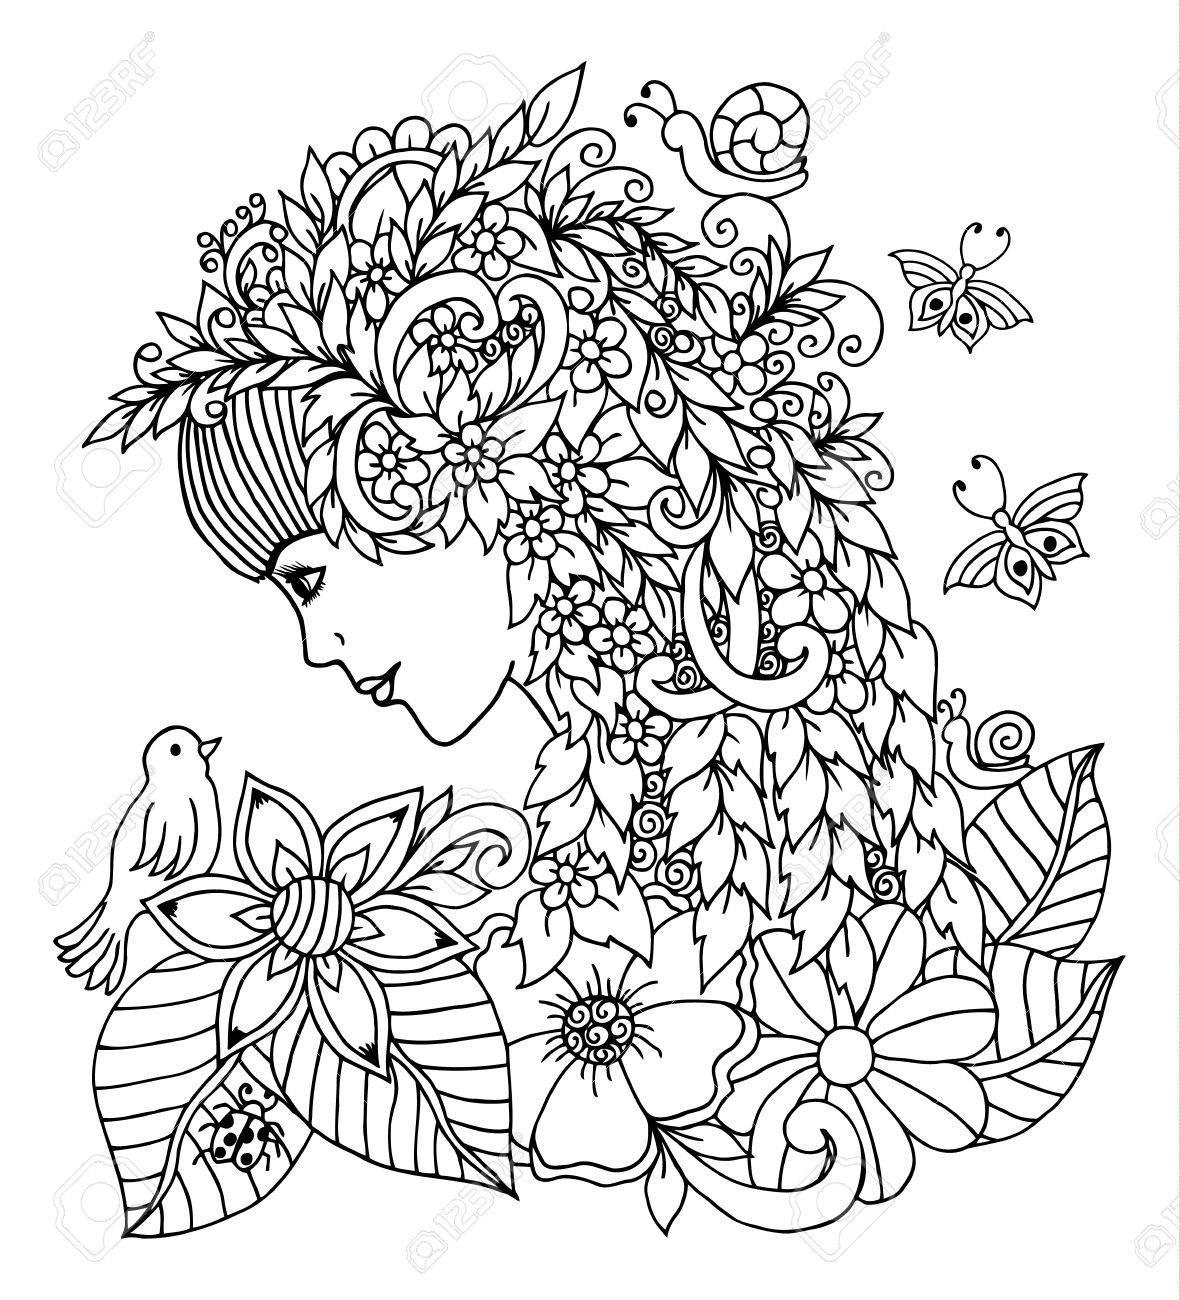 Ilustración Vectorial Niña Primavera Mira Un Pájaro Rodeado De